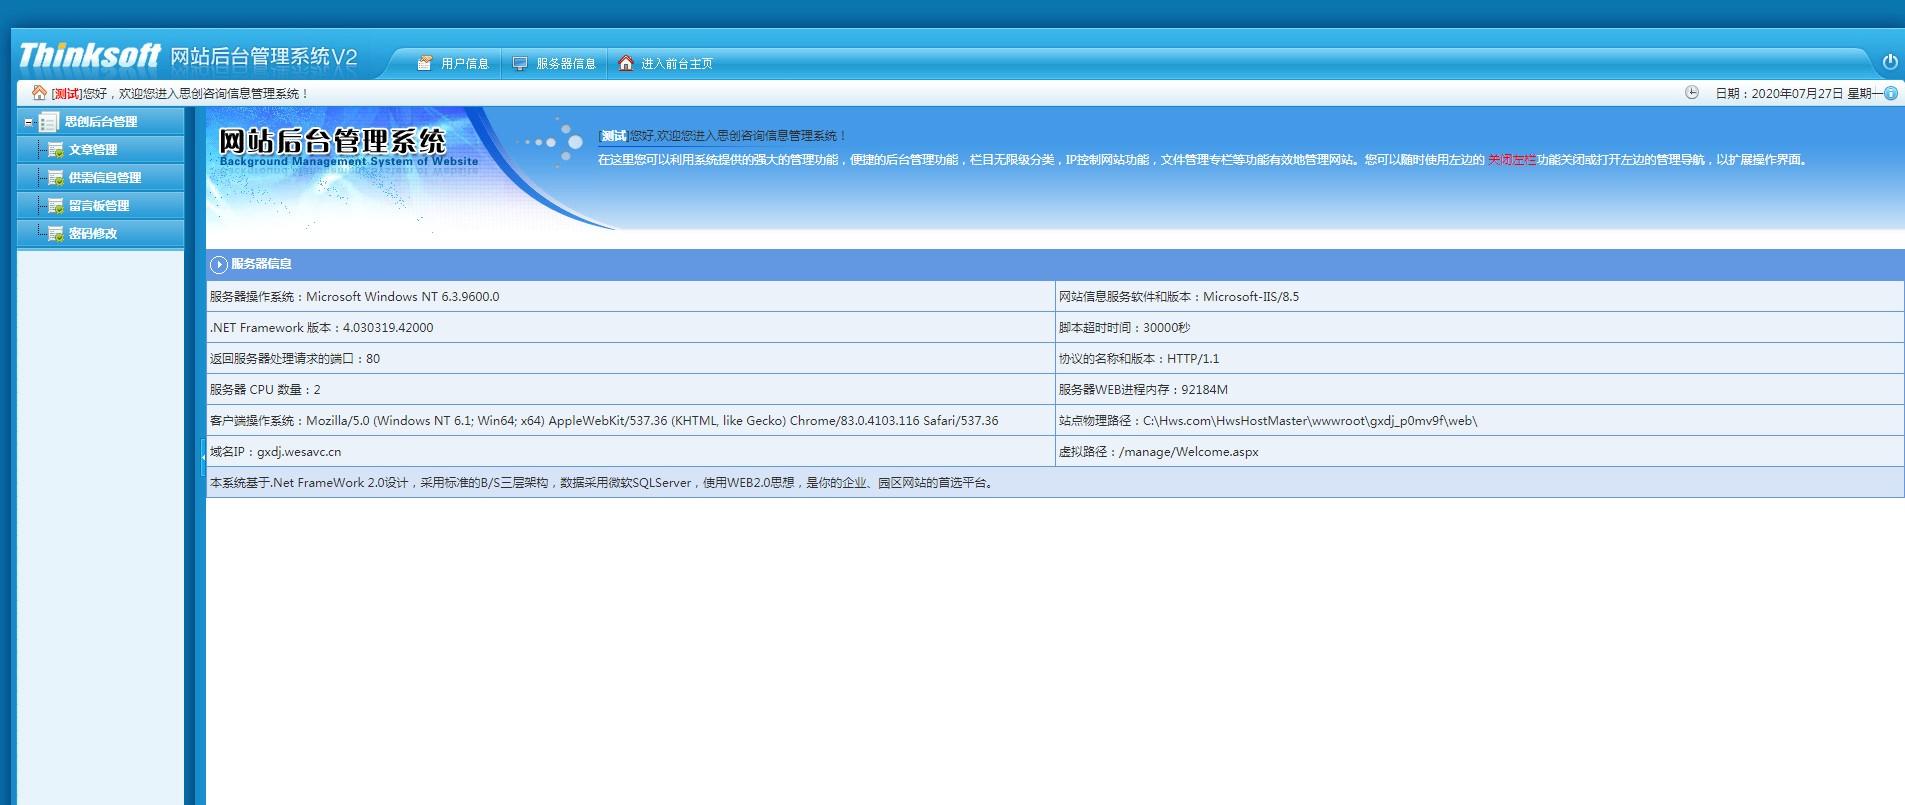 物资采购和供应信息发布平台 疫情阶段园区企业供需对接平台源码 修复版